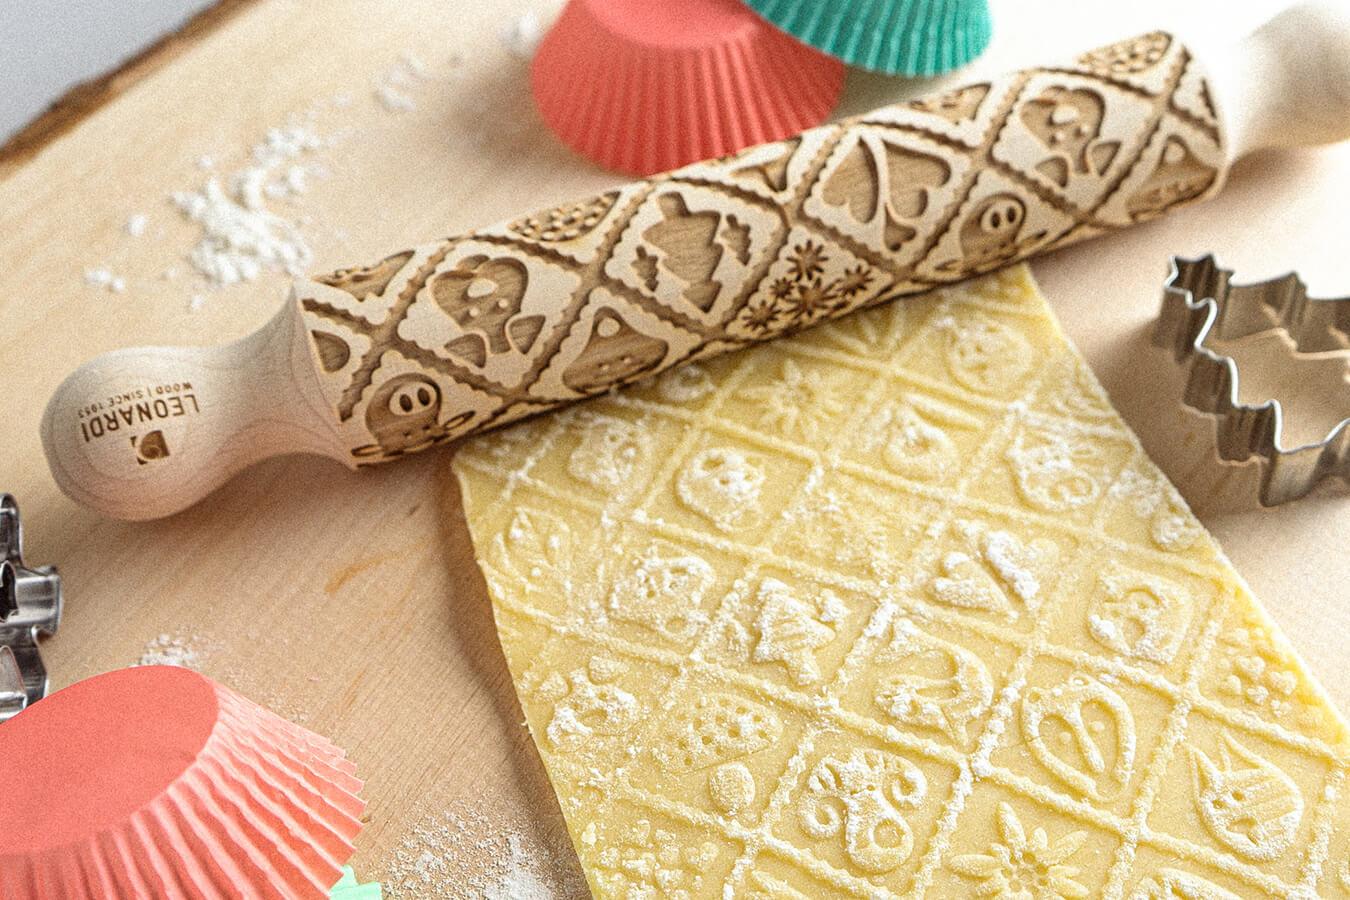 Mattarello decorativo per dolci e pasta frolla in legno di faggio